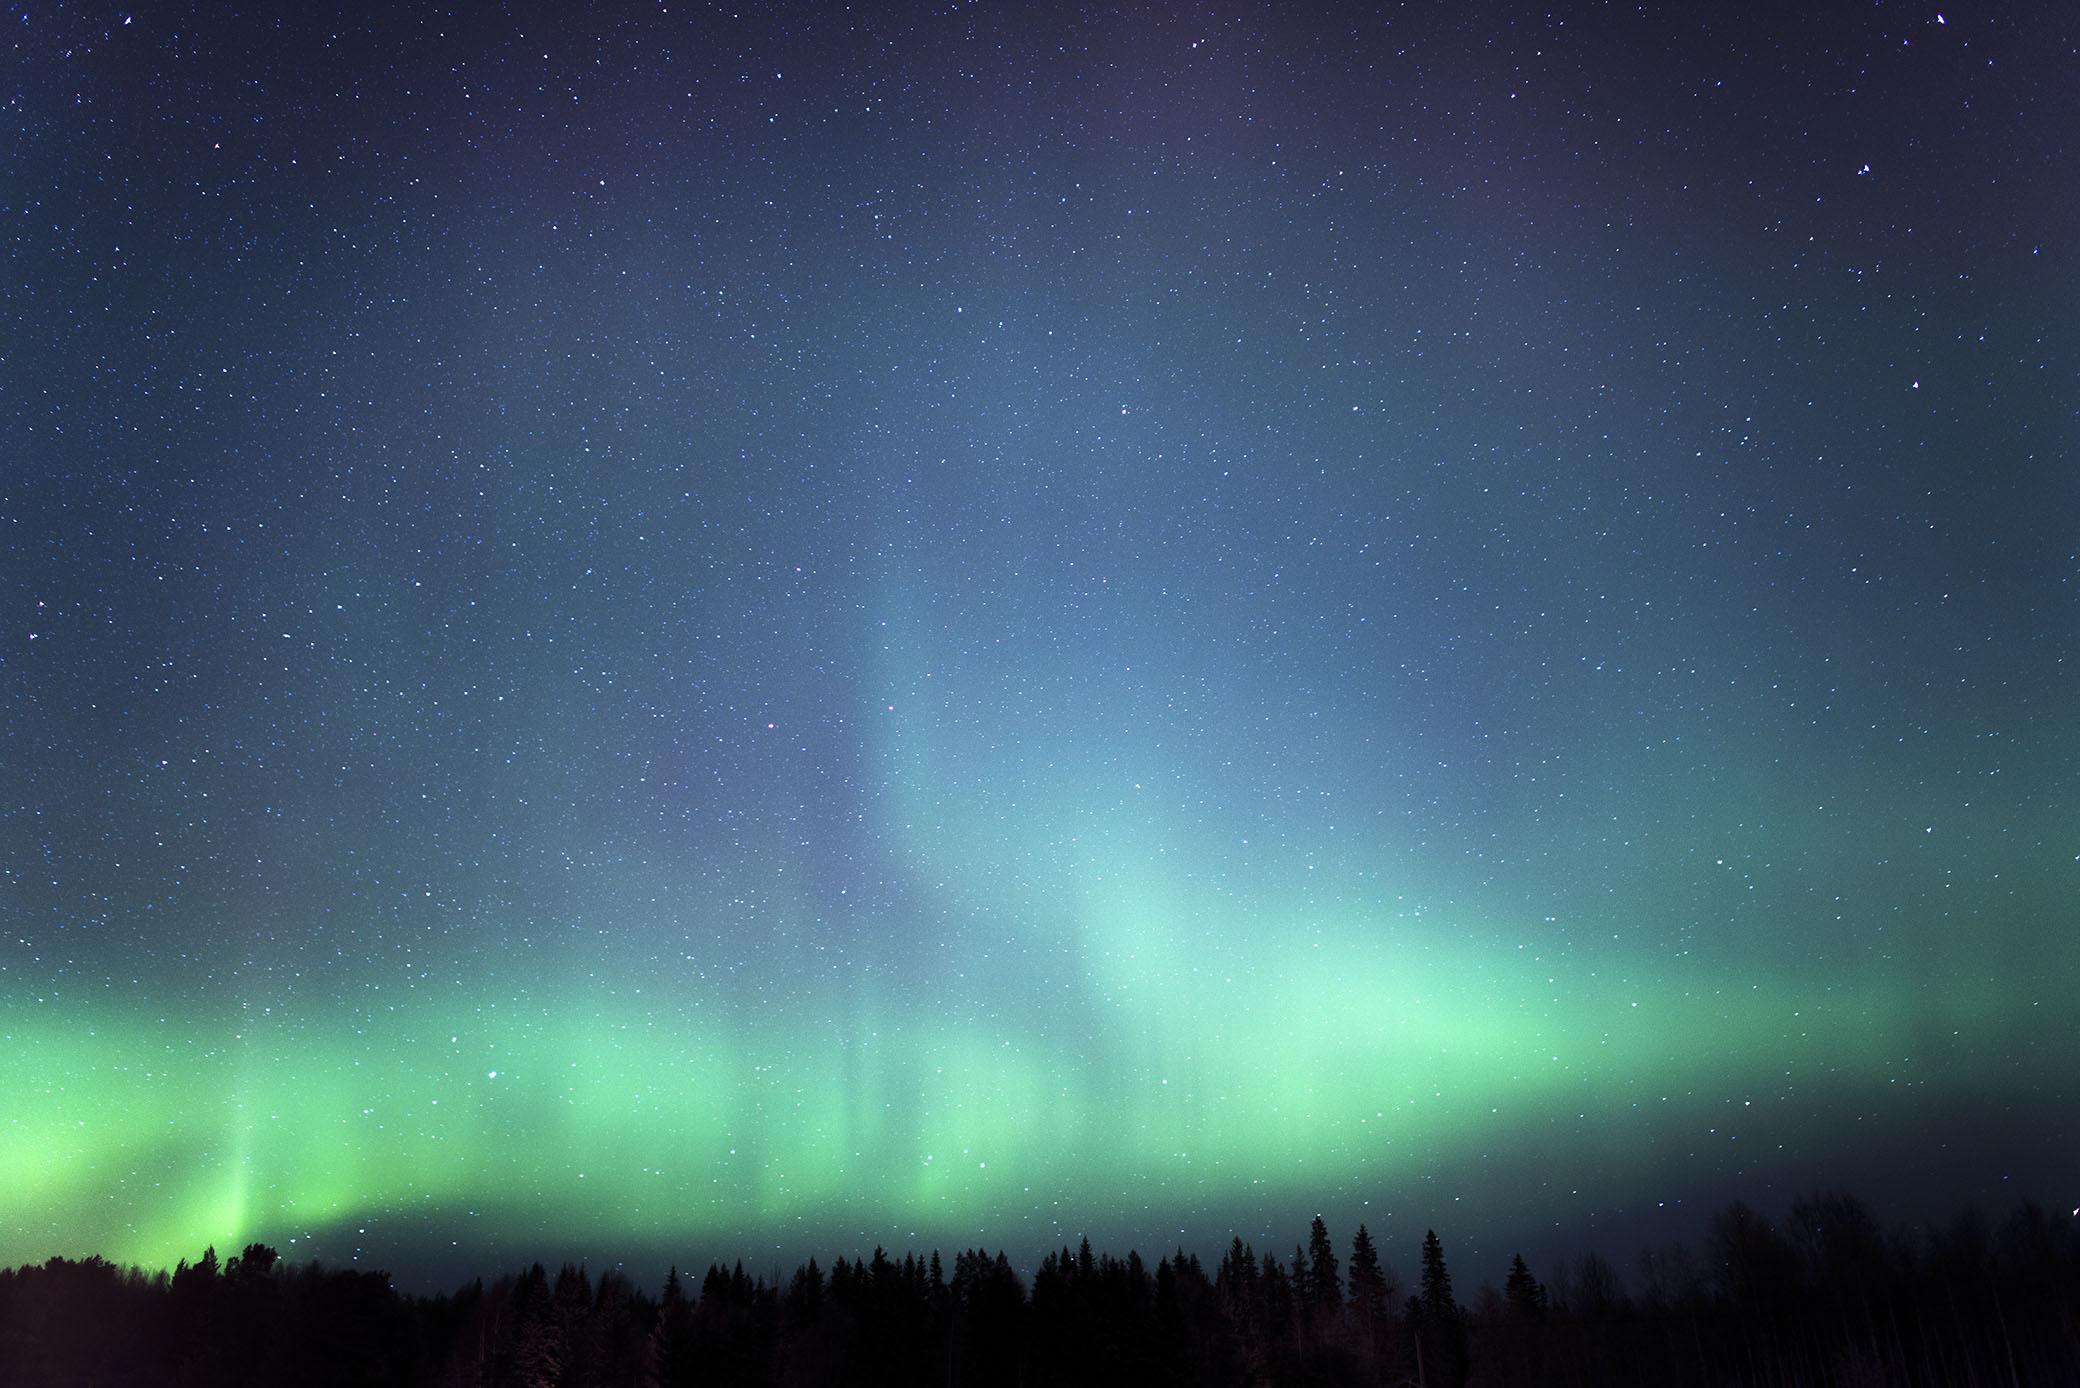 Det har varit norrsken ute hela natten, fram till morgonen då de började ljusna.